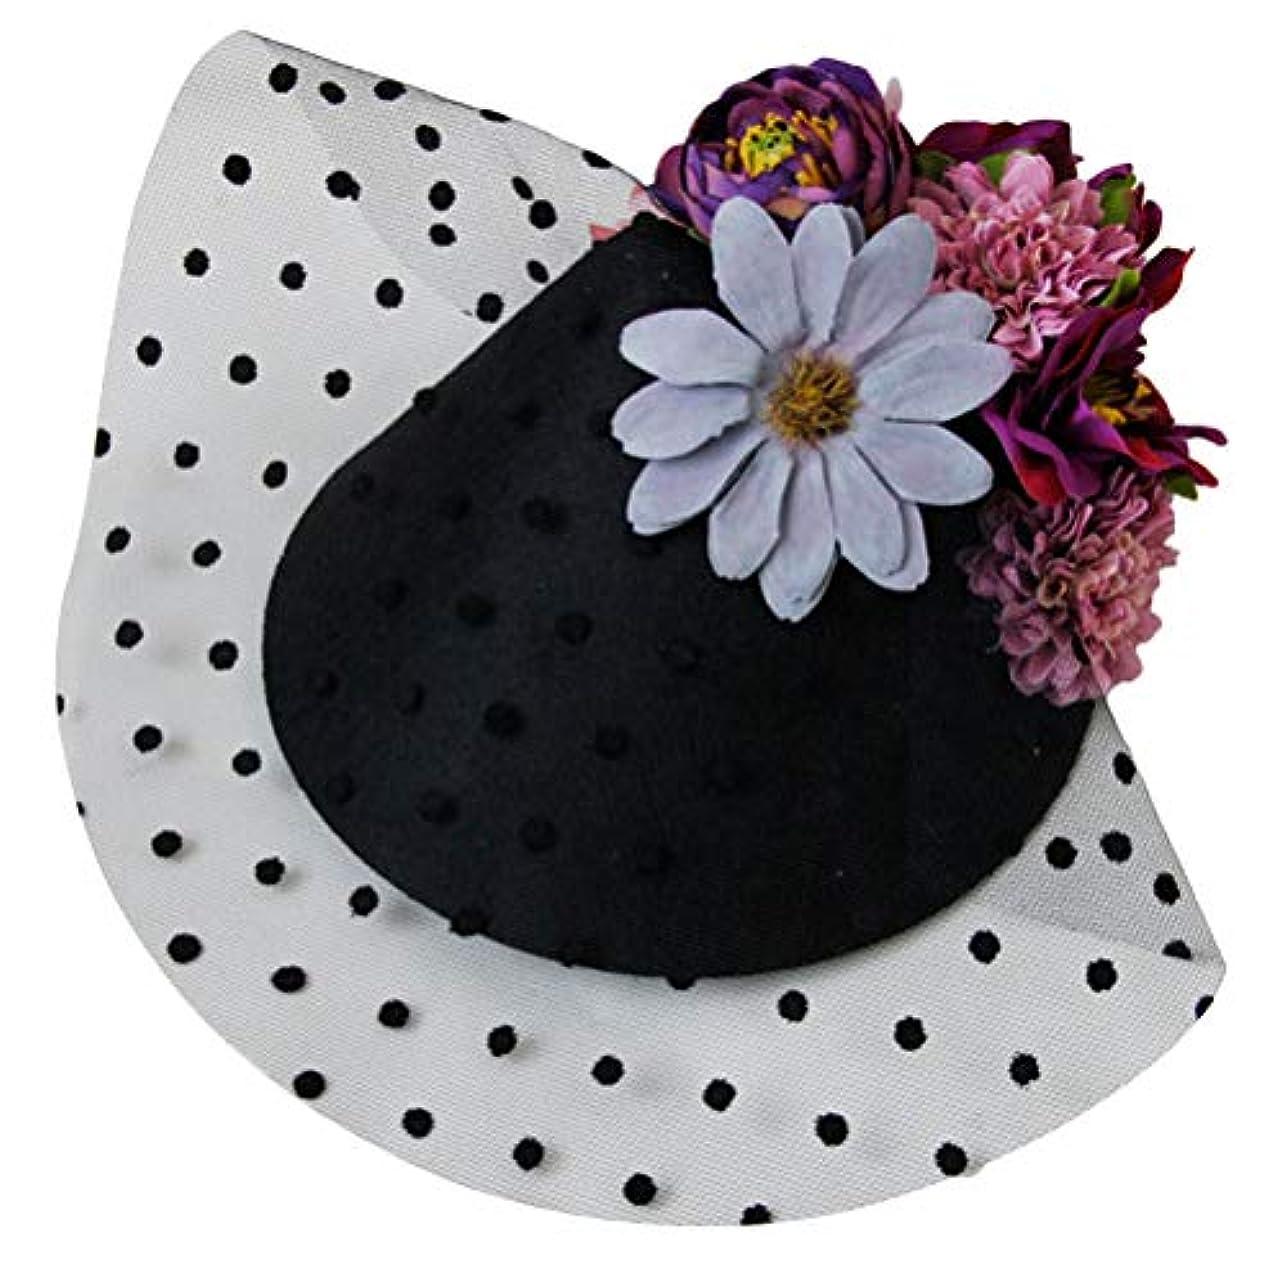 添加剤電気技師コンソールLurrose 魅惑的な帽子ヘアピンフラワーシースターガーゼバレッタヘッドドレス